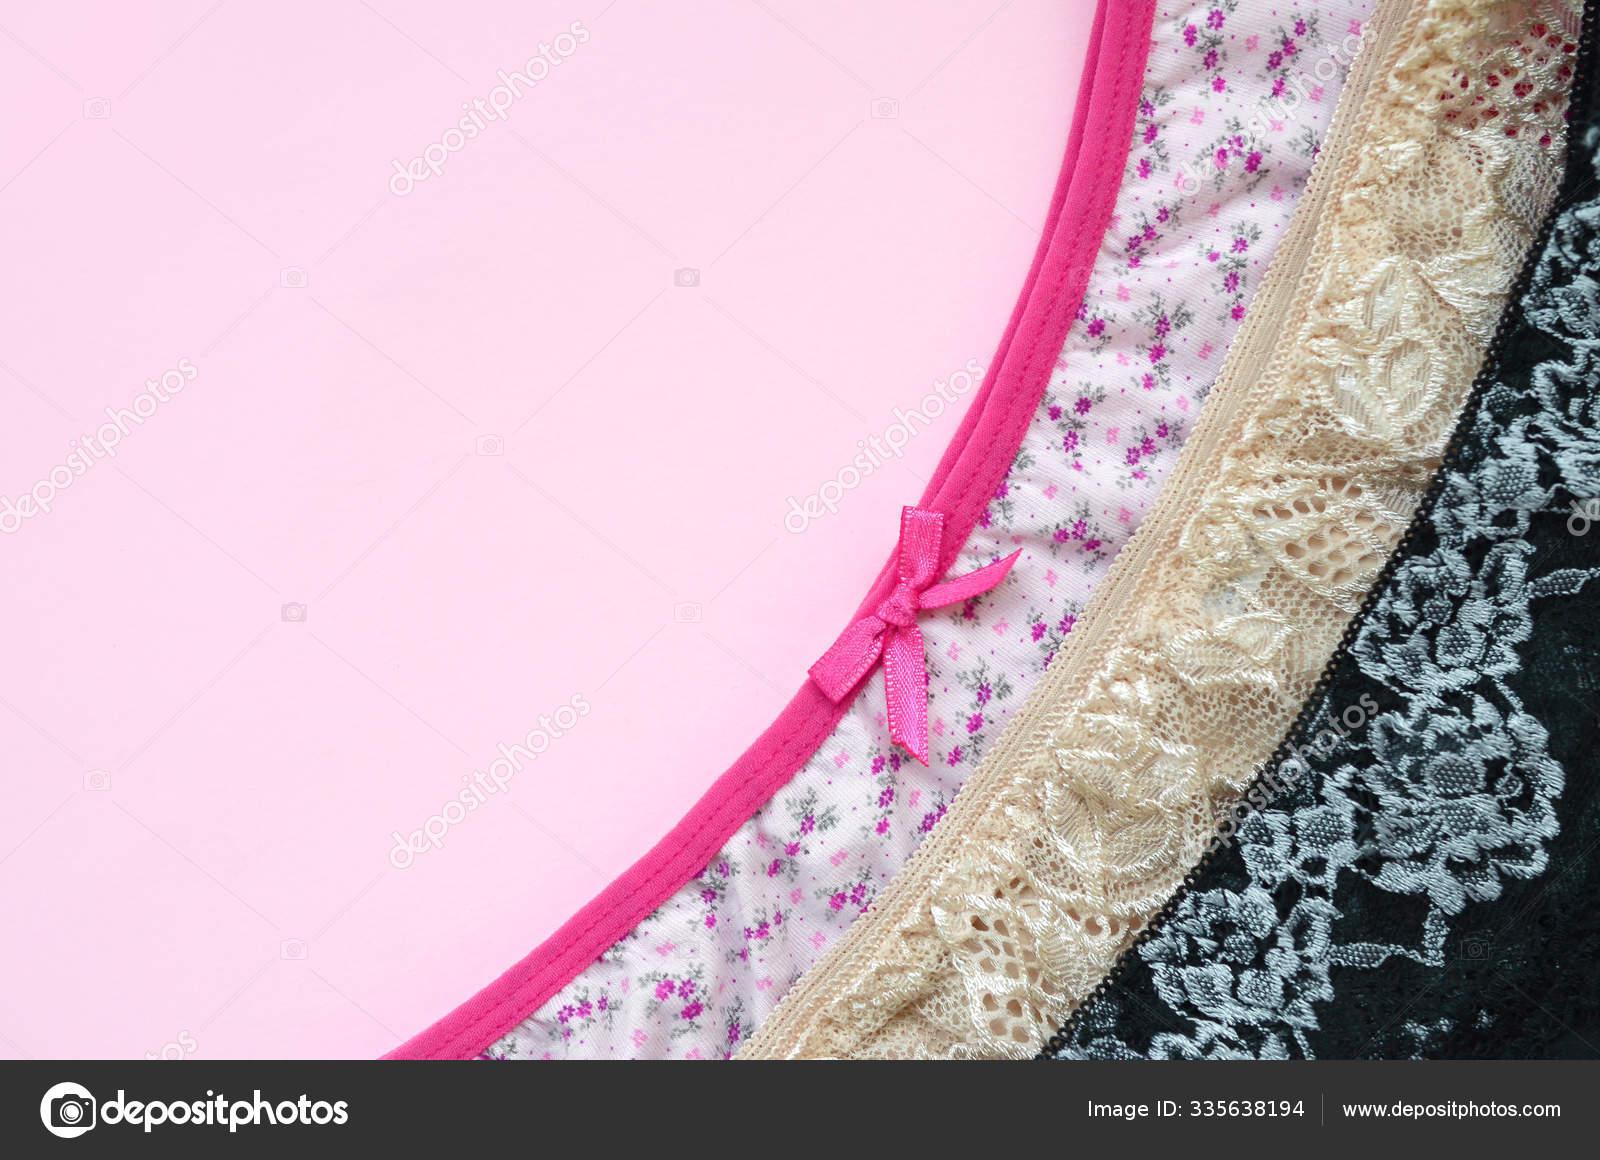 Магазина женского белья реклама женское белье наложенным